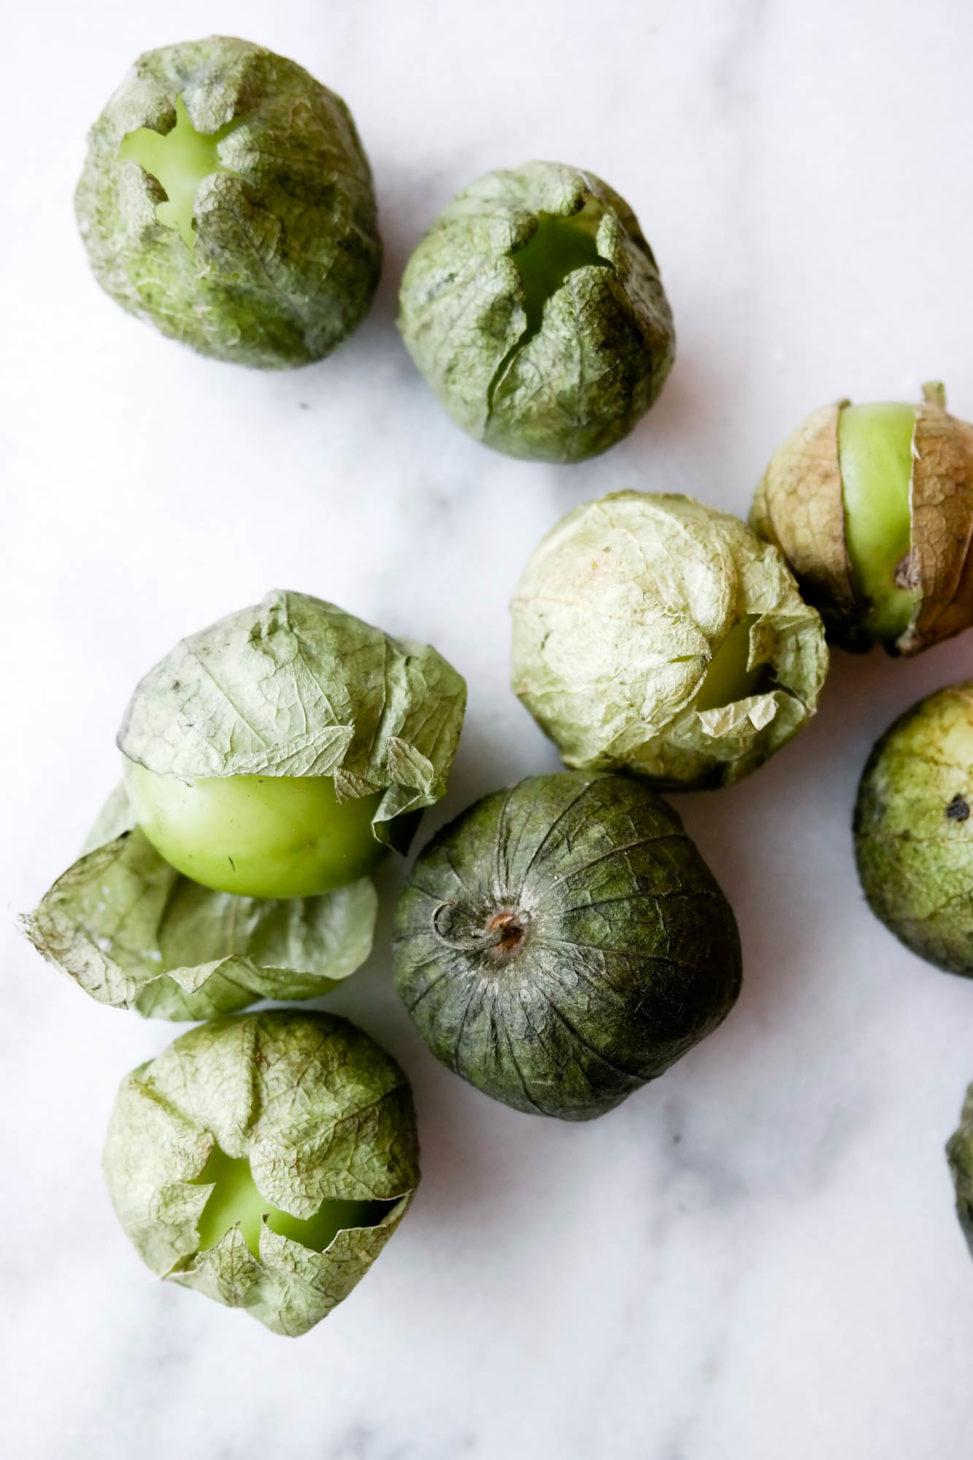 Har du sett tomatillos i butikken? Grab them - og lag salsa verde!